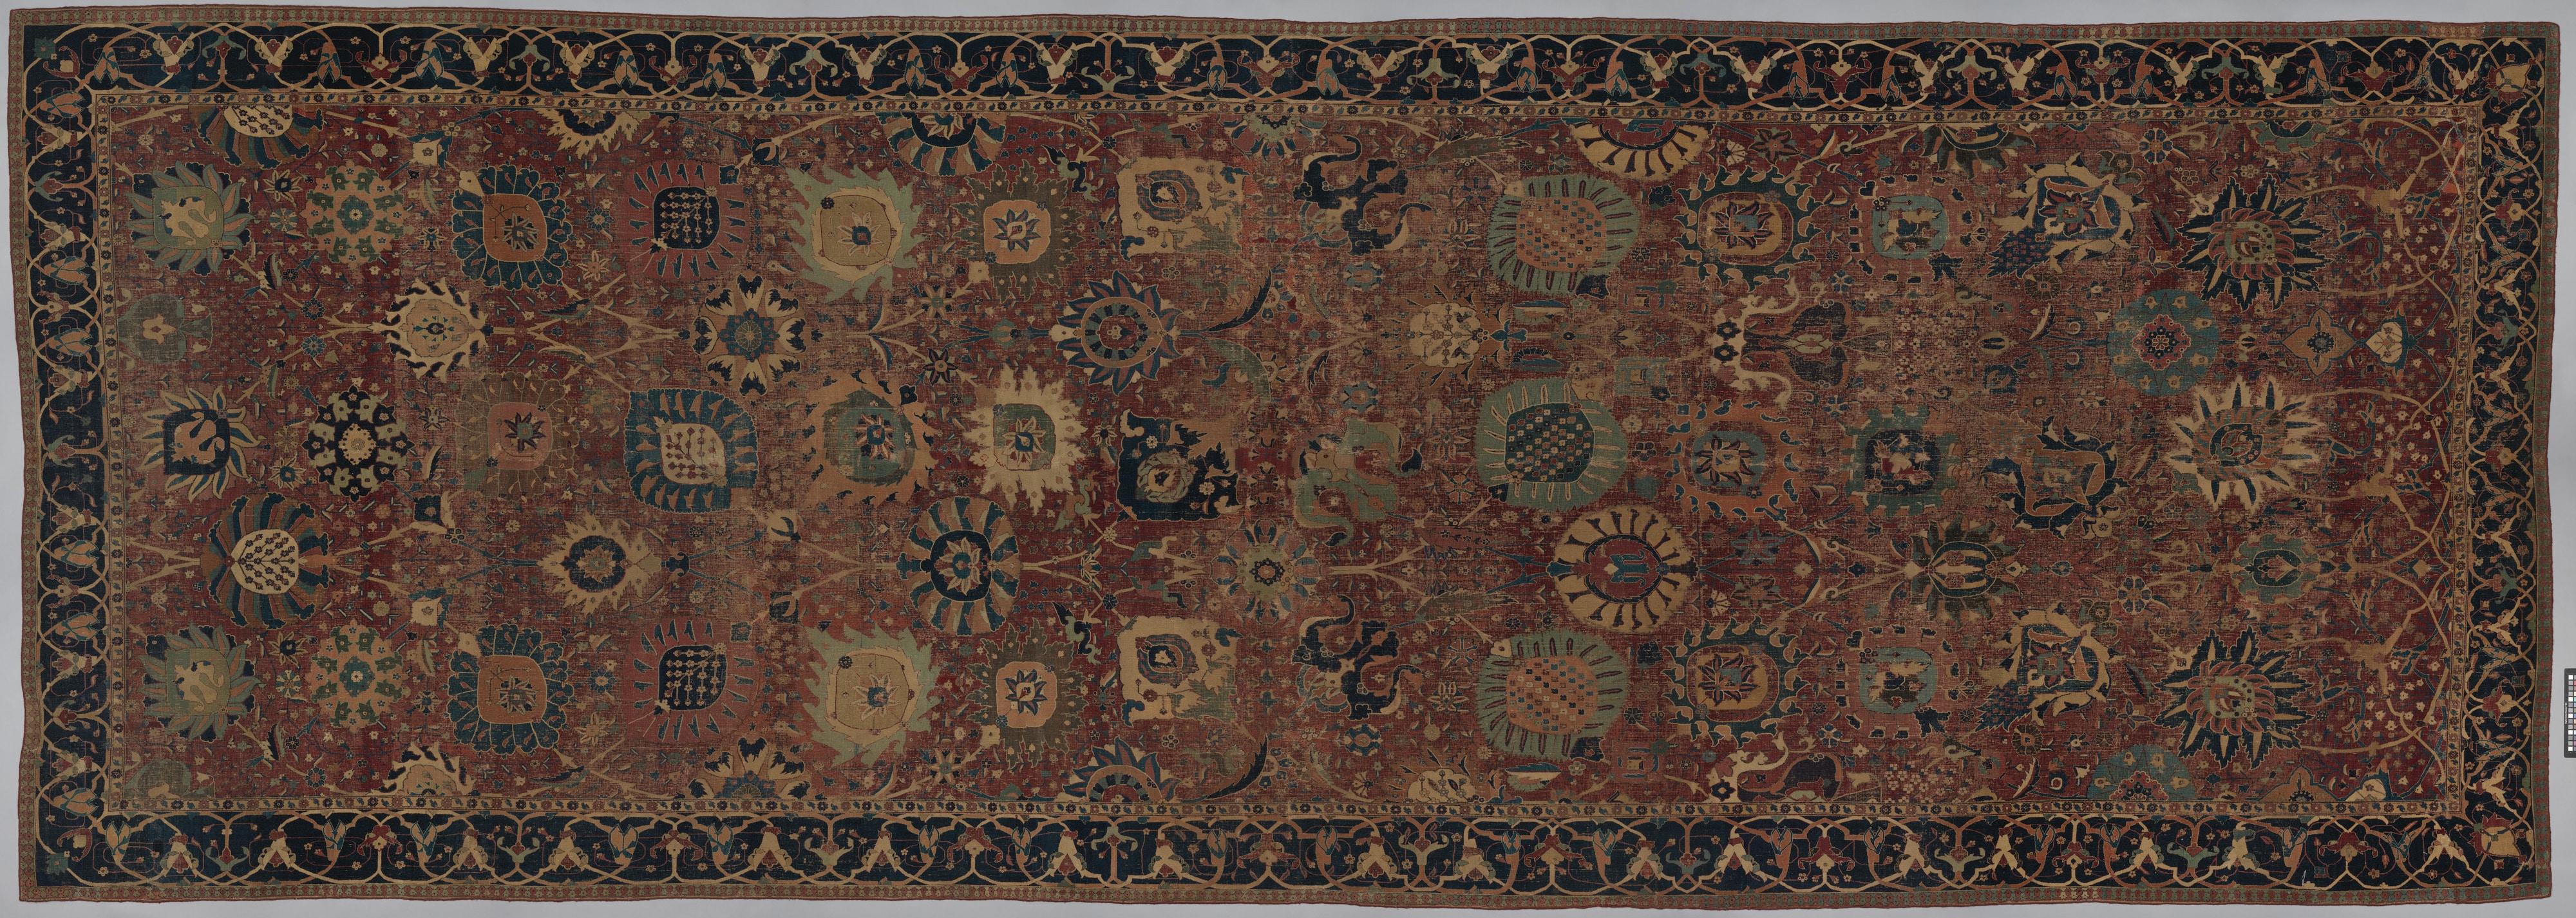 Tapis vase, Iran, fin XVIe - début XVIIe siècle. Soie, laine et nouage asymétrique © MET Museum.